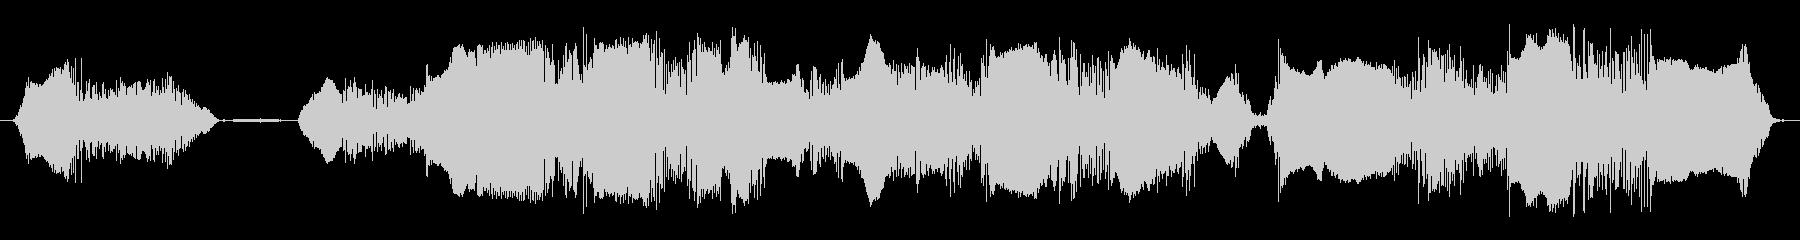 成人男性:怒鳴る声の未再生の波形